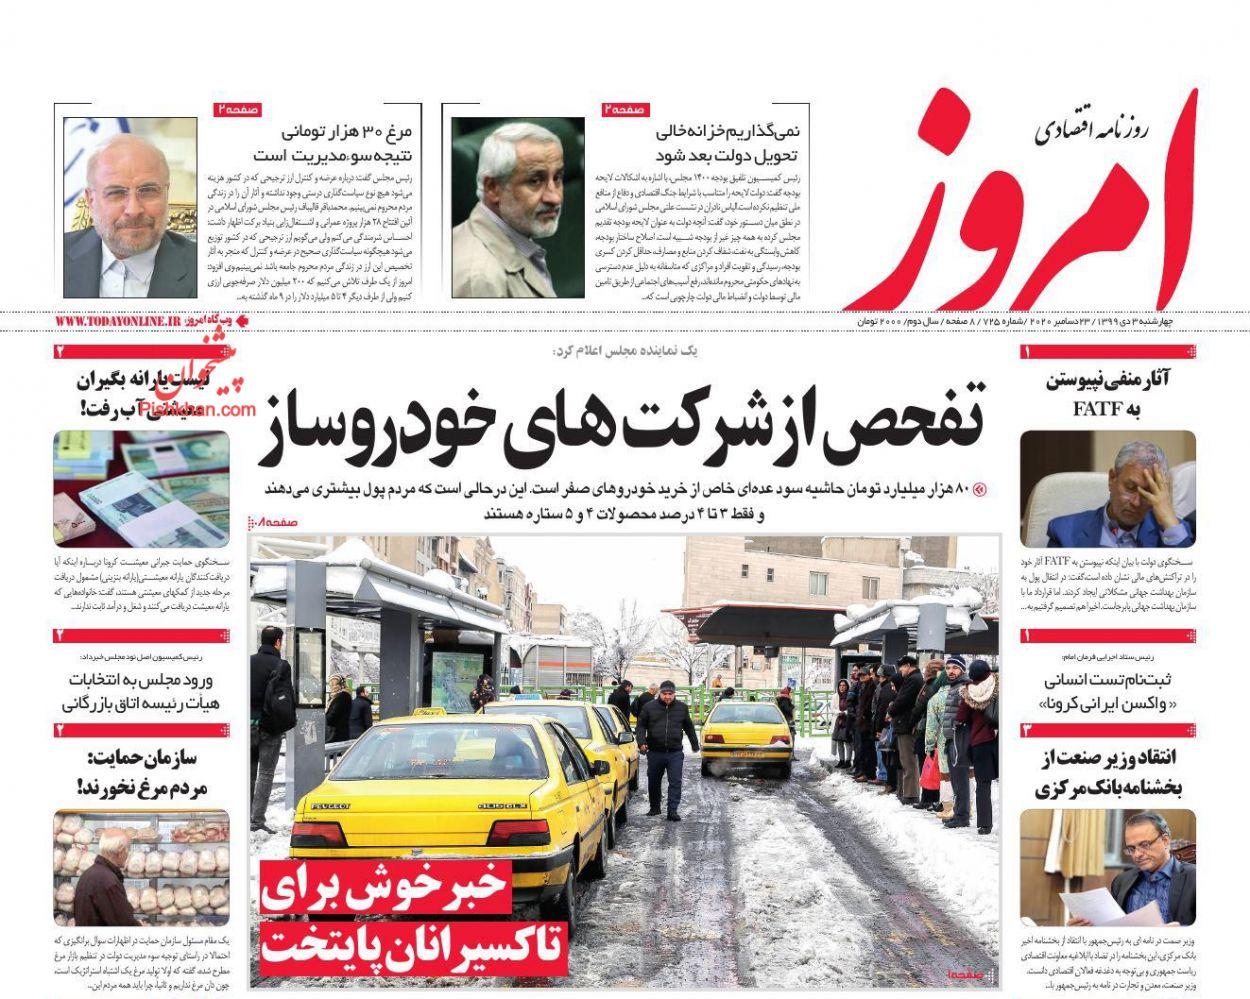 عناوین اخبار روزنامه امروز در روز چهارشنبه ۳ دی